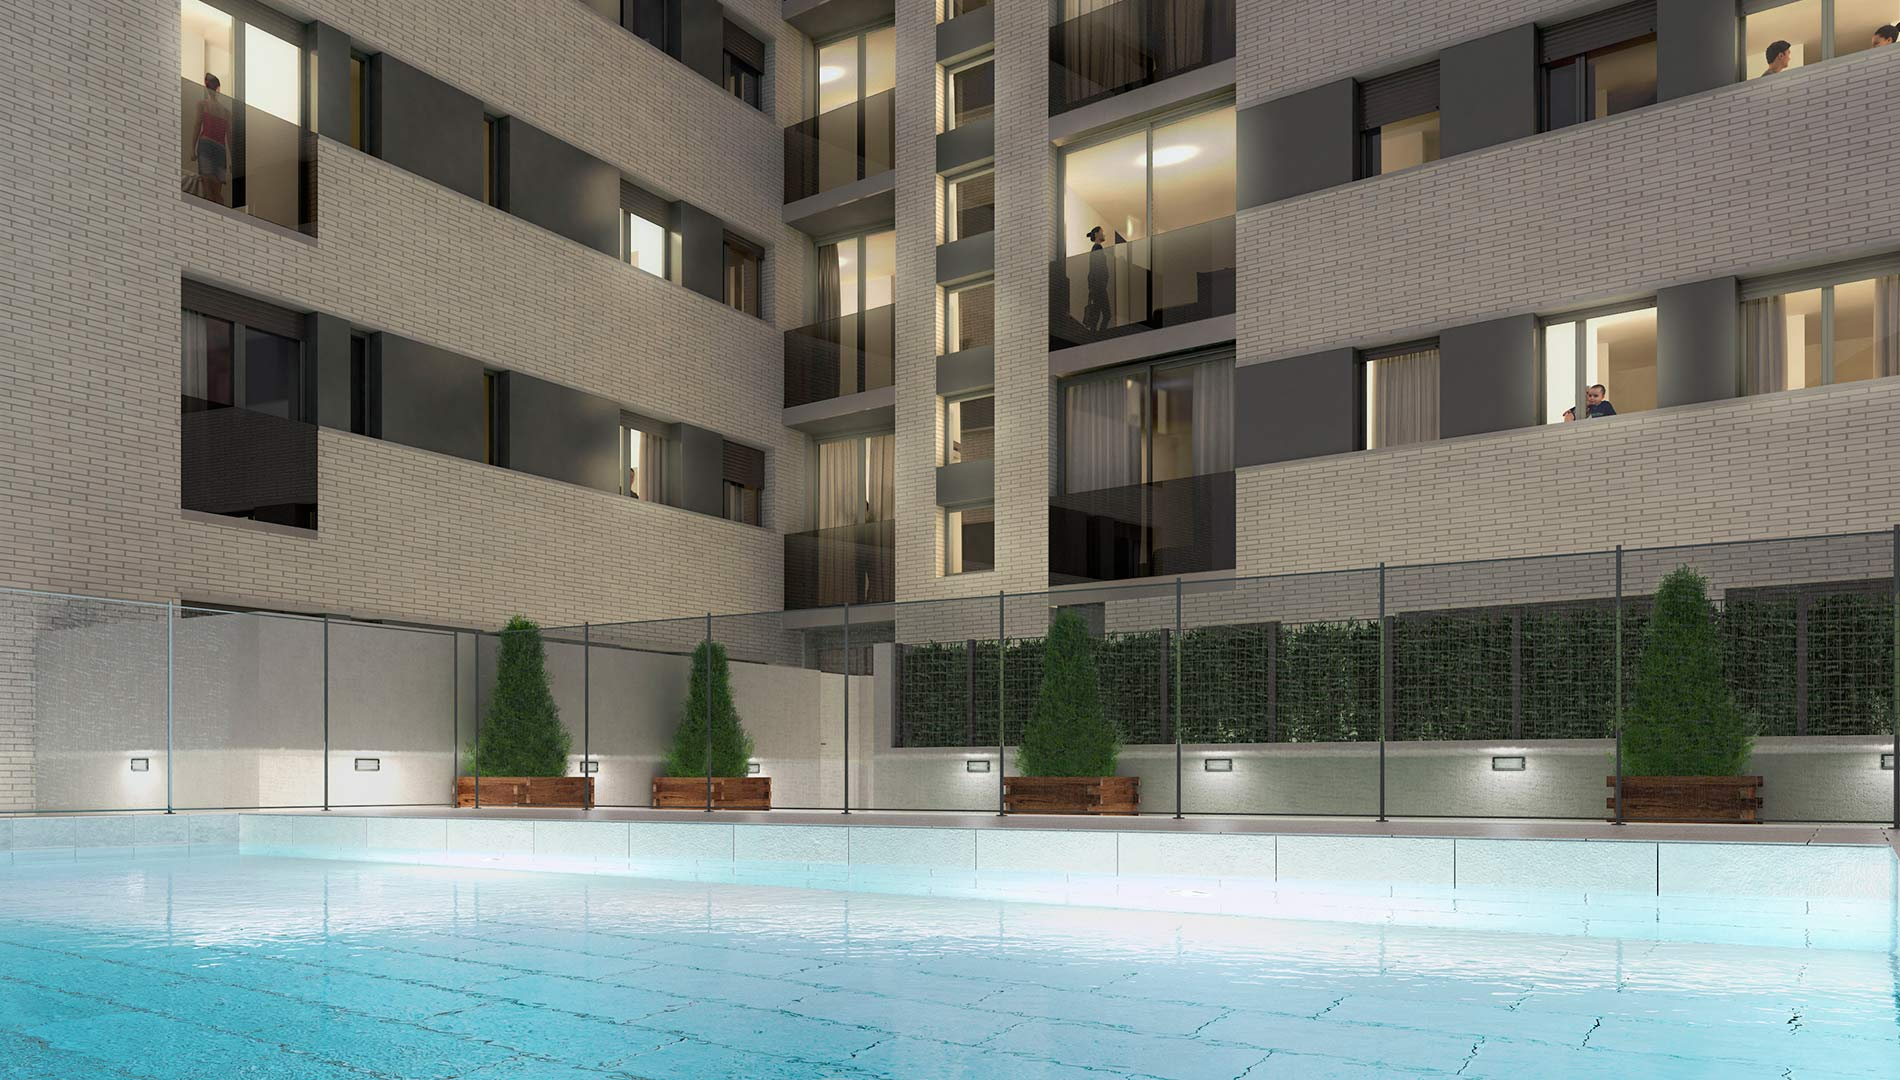 exterior-martipujol262-promocionesinmobiliaries-residencial-badalona-bdn-barcelona